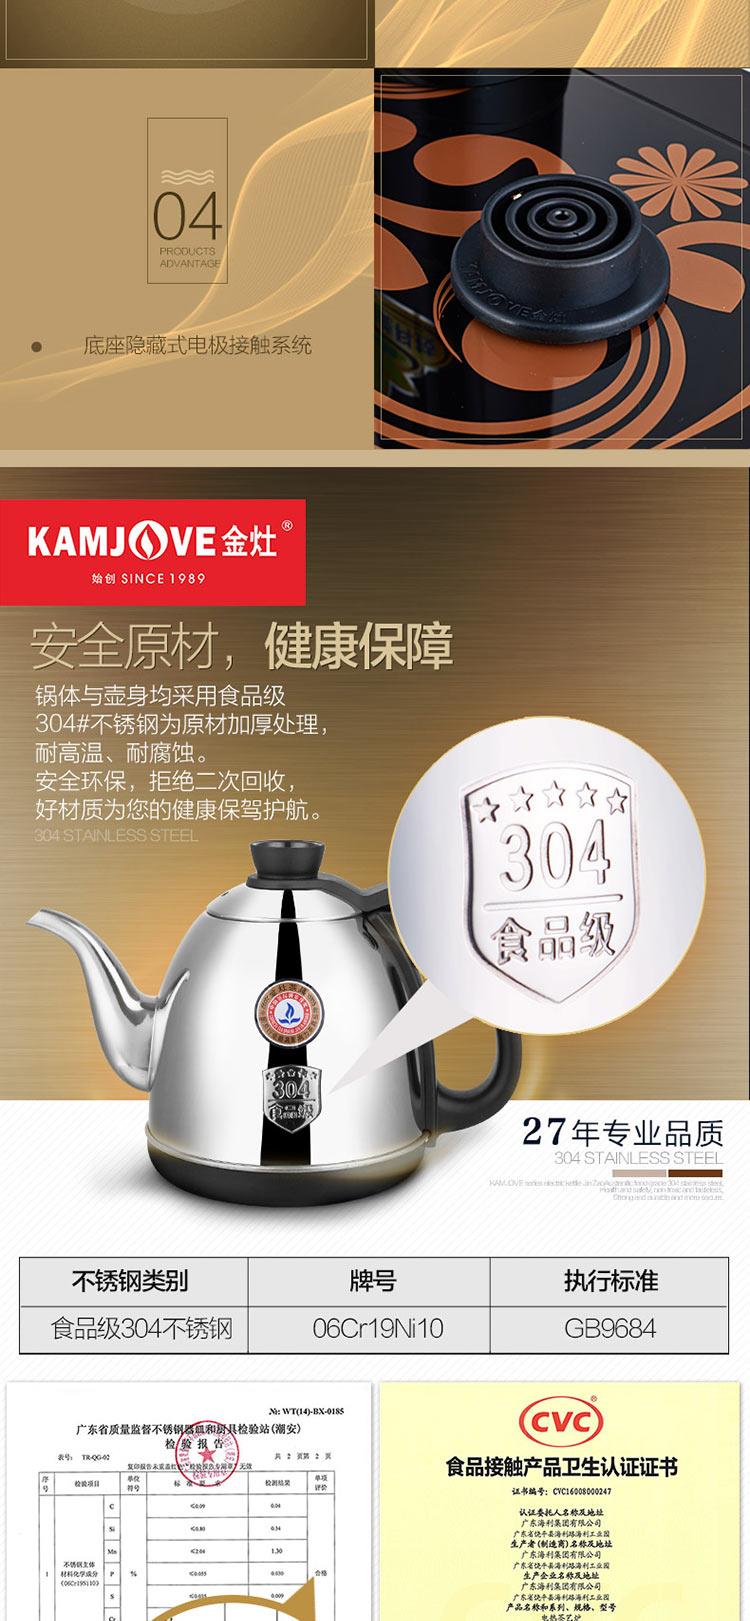 K7-详情图【添加进水管】_07